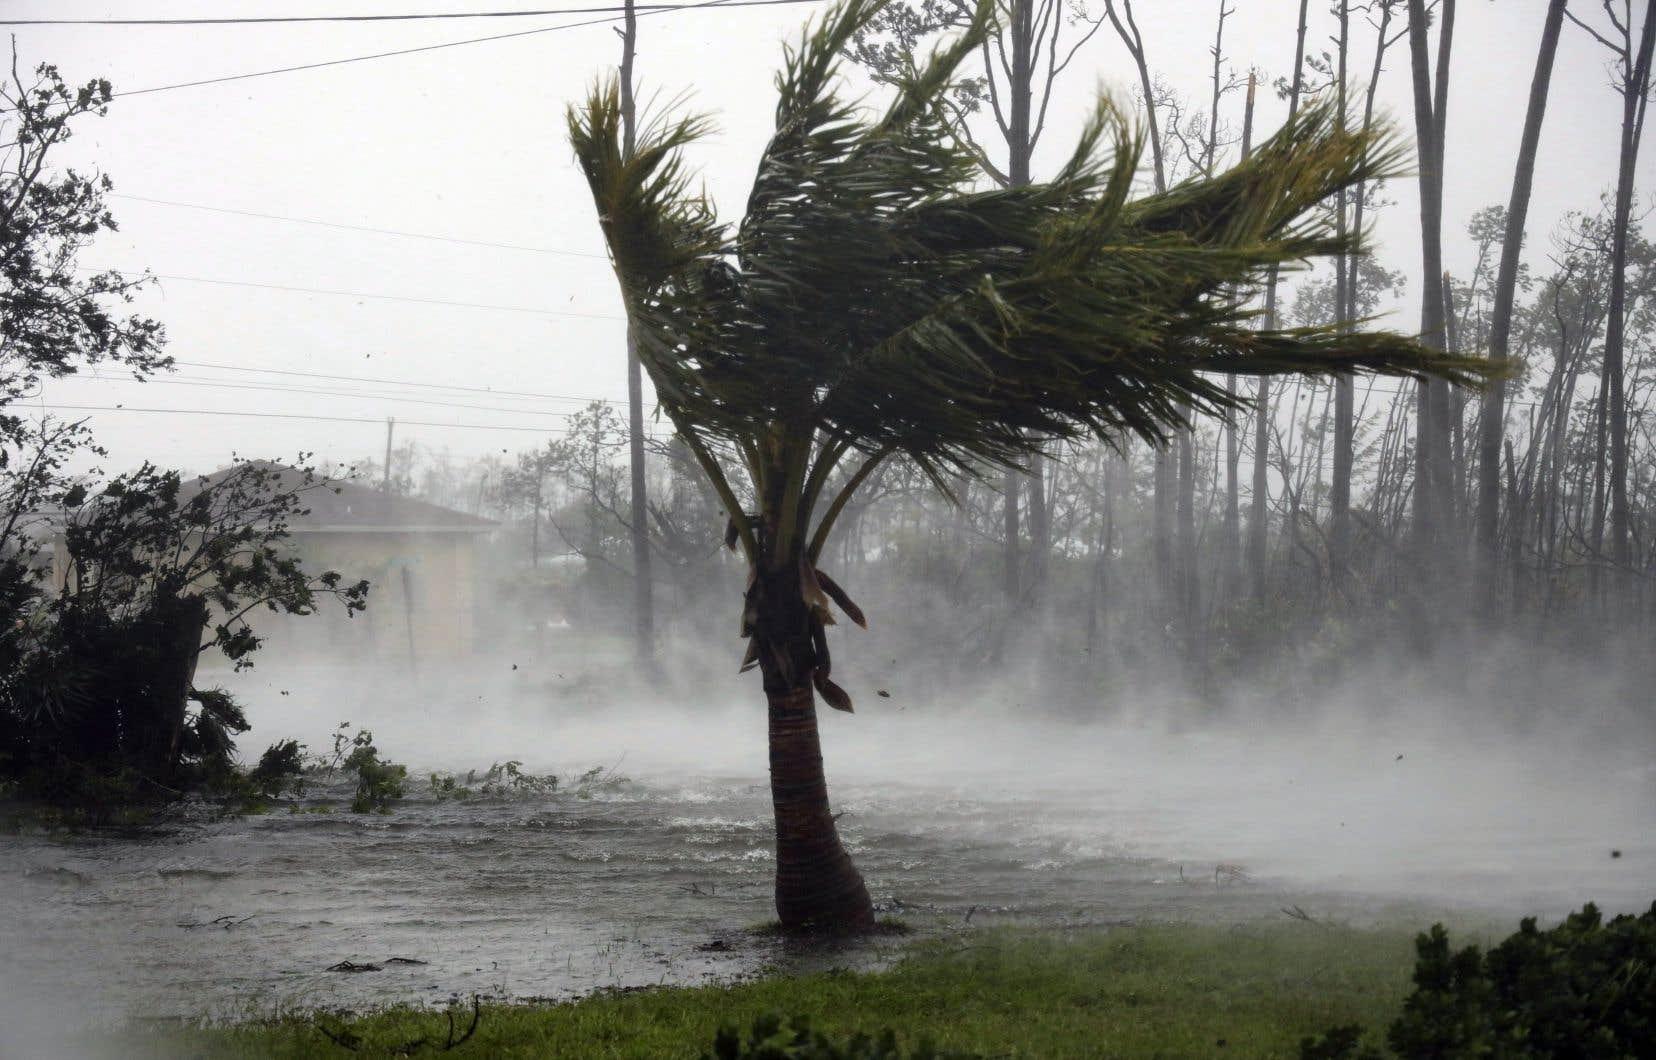 Rues inondées, toitures emportées, arbres déracinés: les premières images donnent une idée de la violence de la tempête en cours.